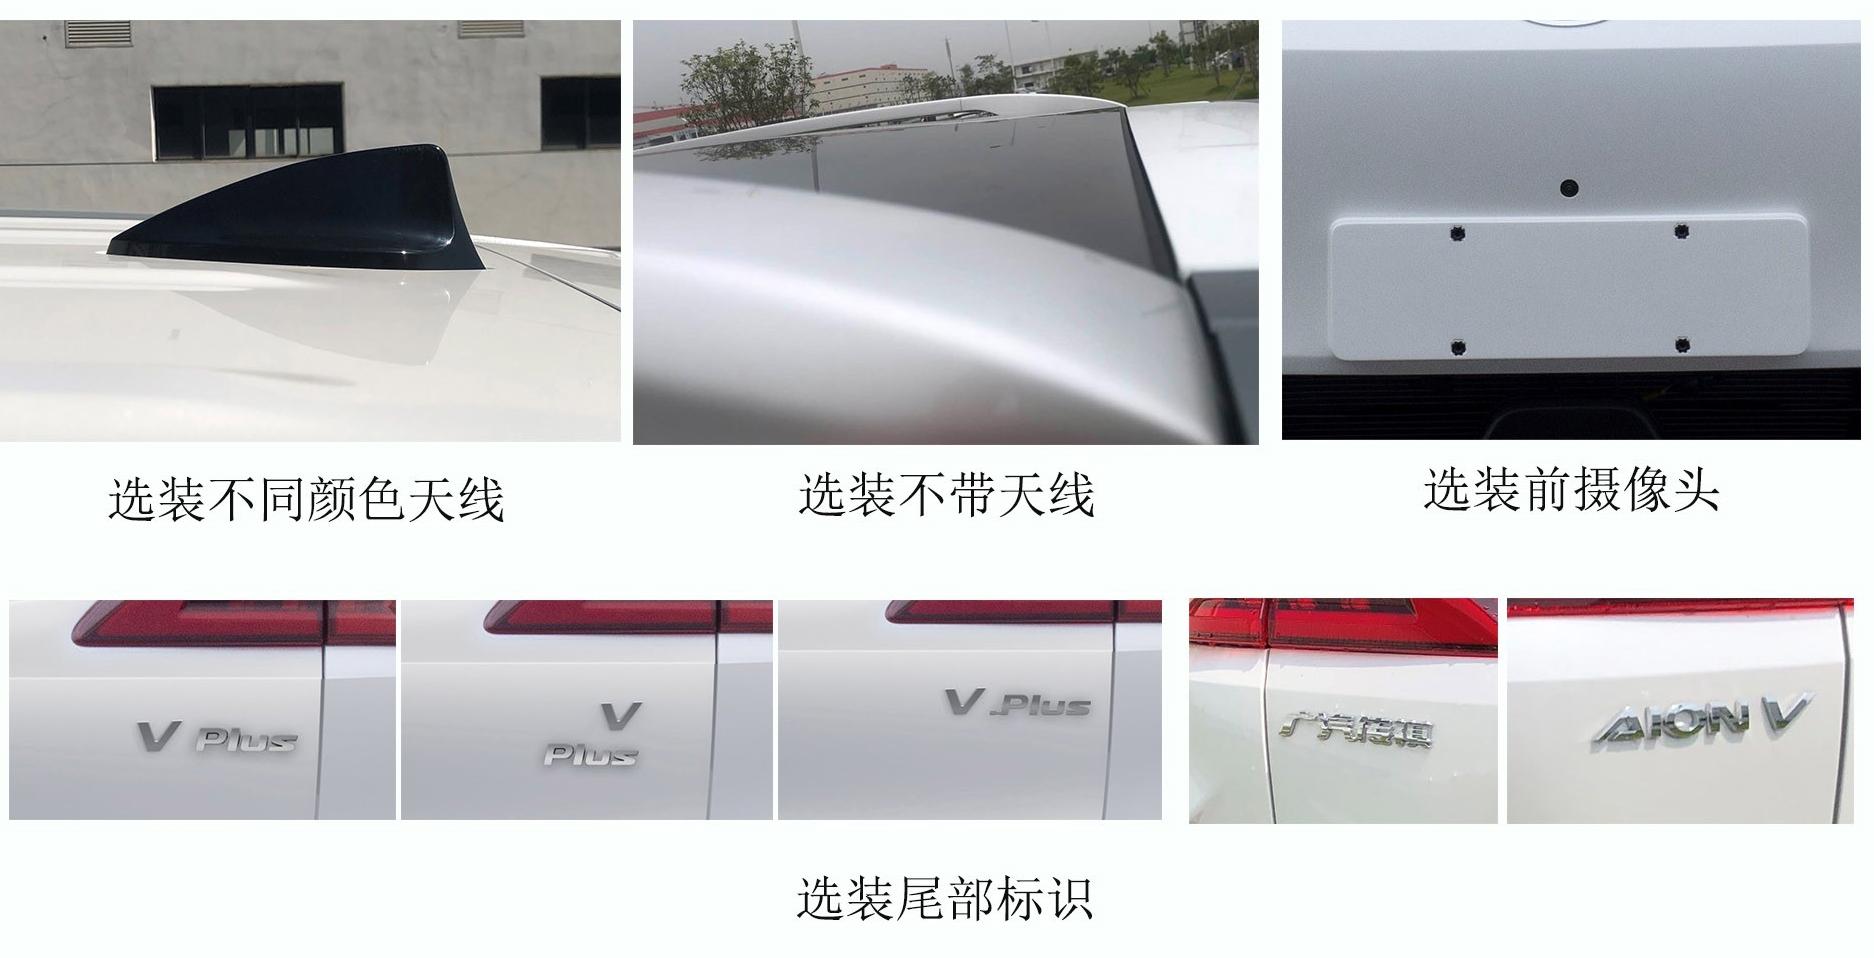 车身加长 换装高功率电机 广汽埃安Aion V Plus申报信息曝光